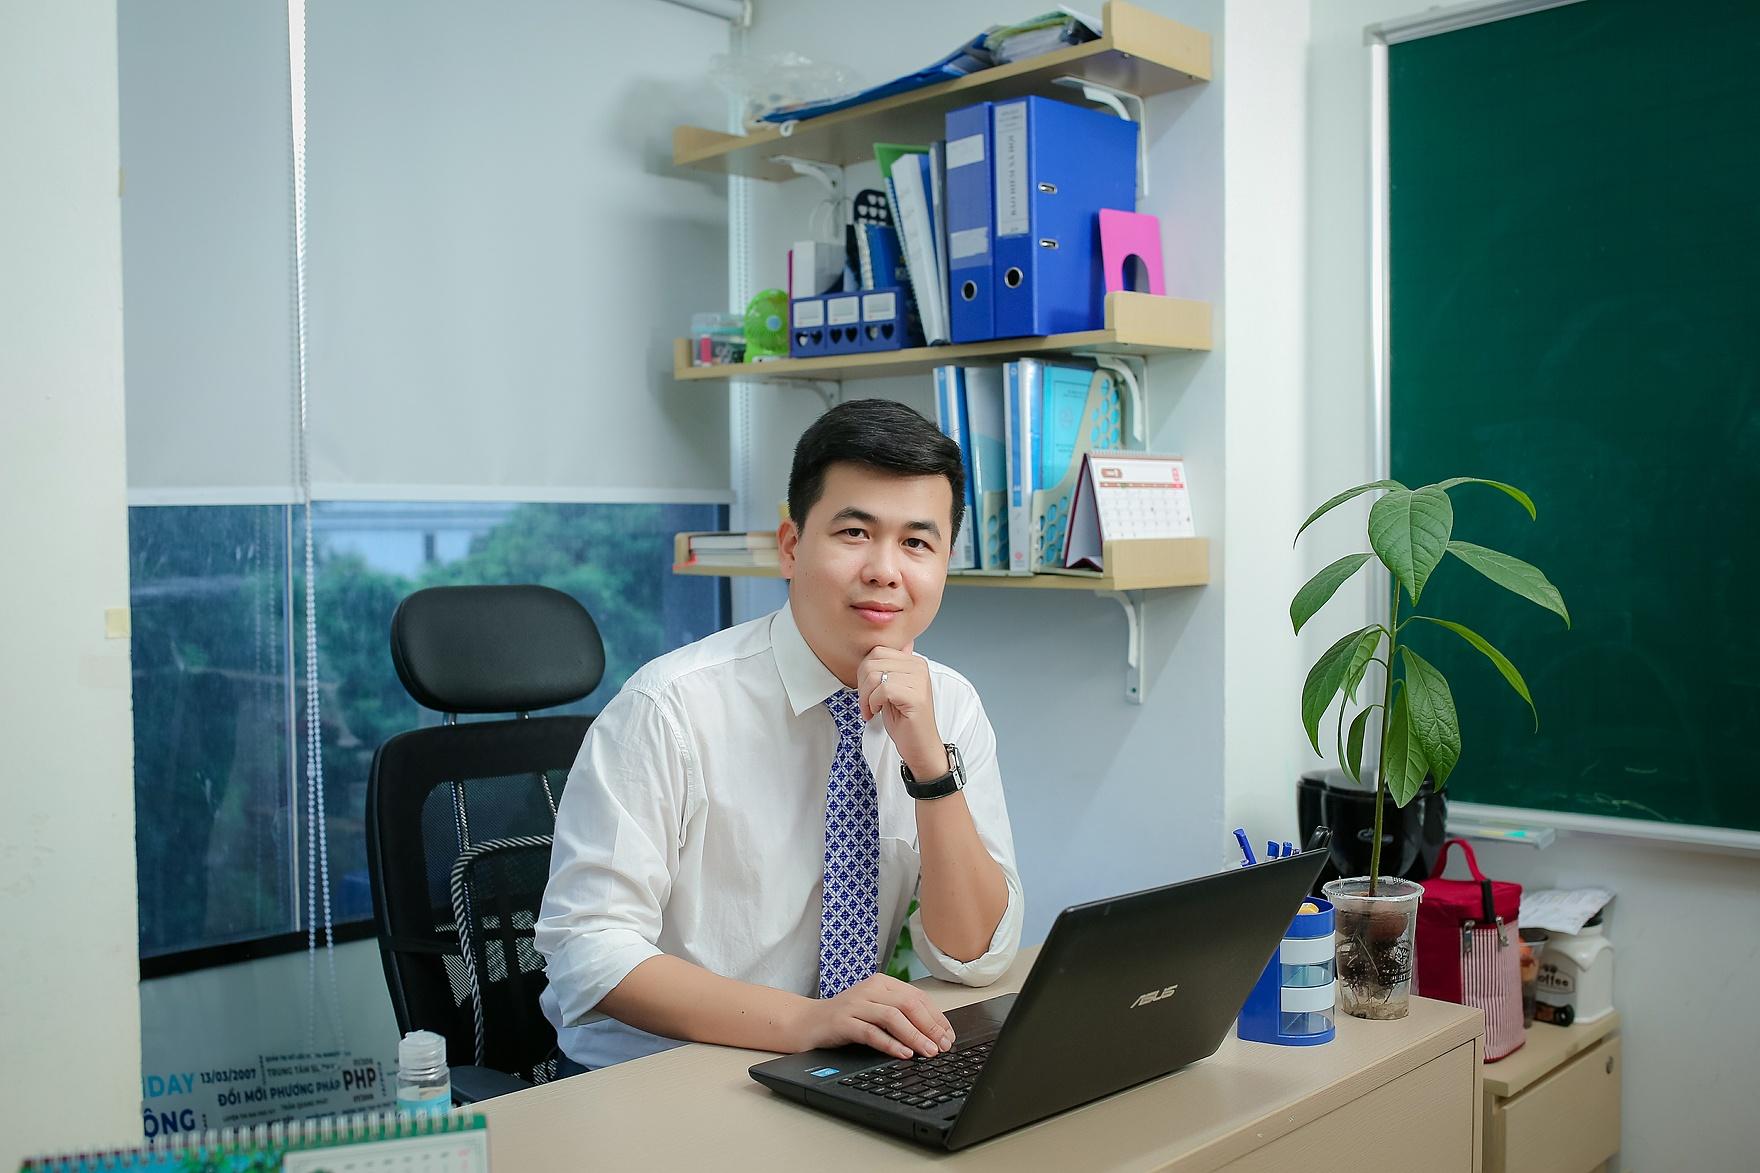 Tiến sĩ Lê Anh Tuấn - giảng viên Toán tại Đại học Công nghiệp Hà Nội.